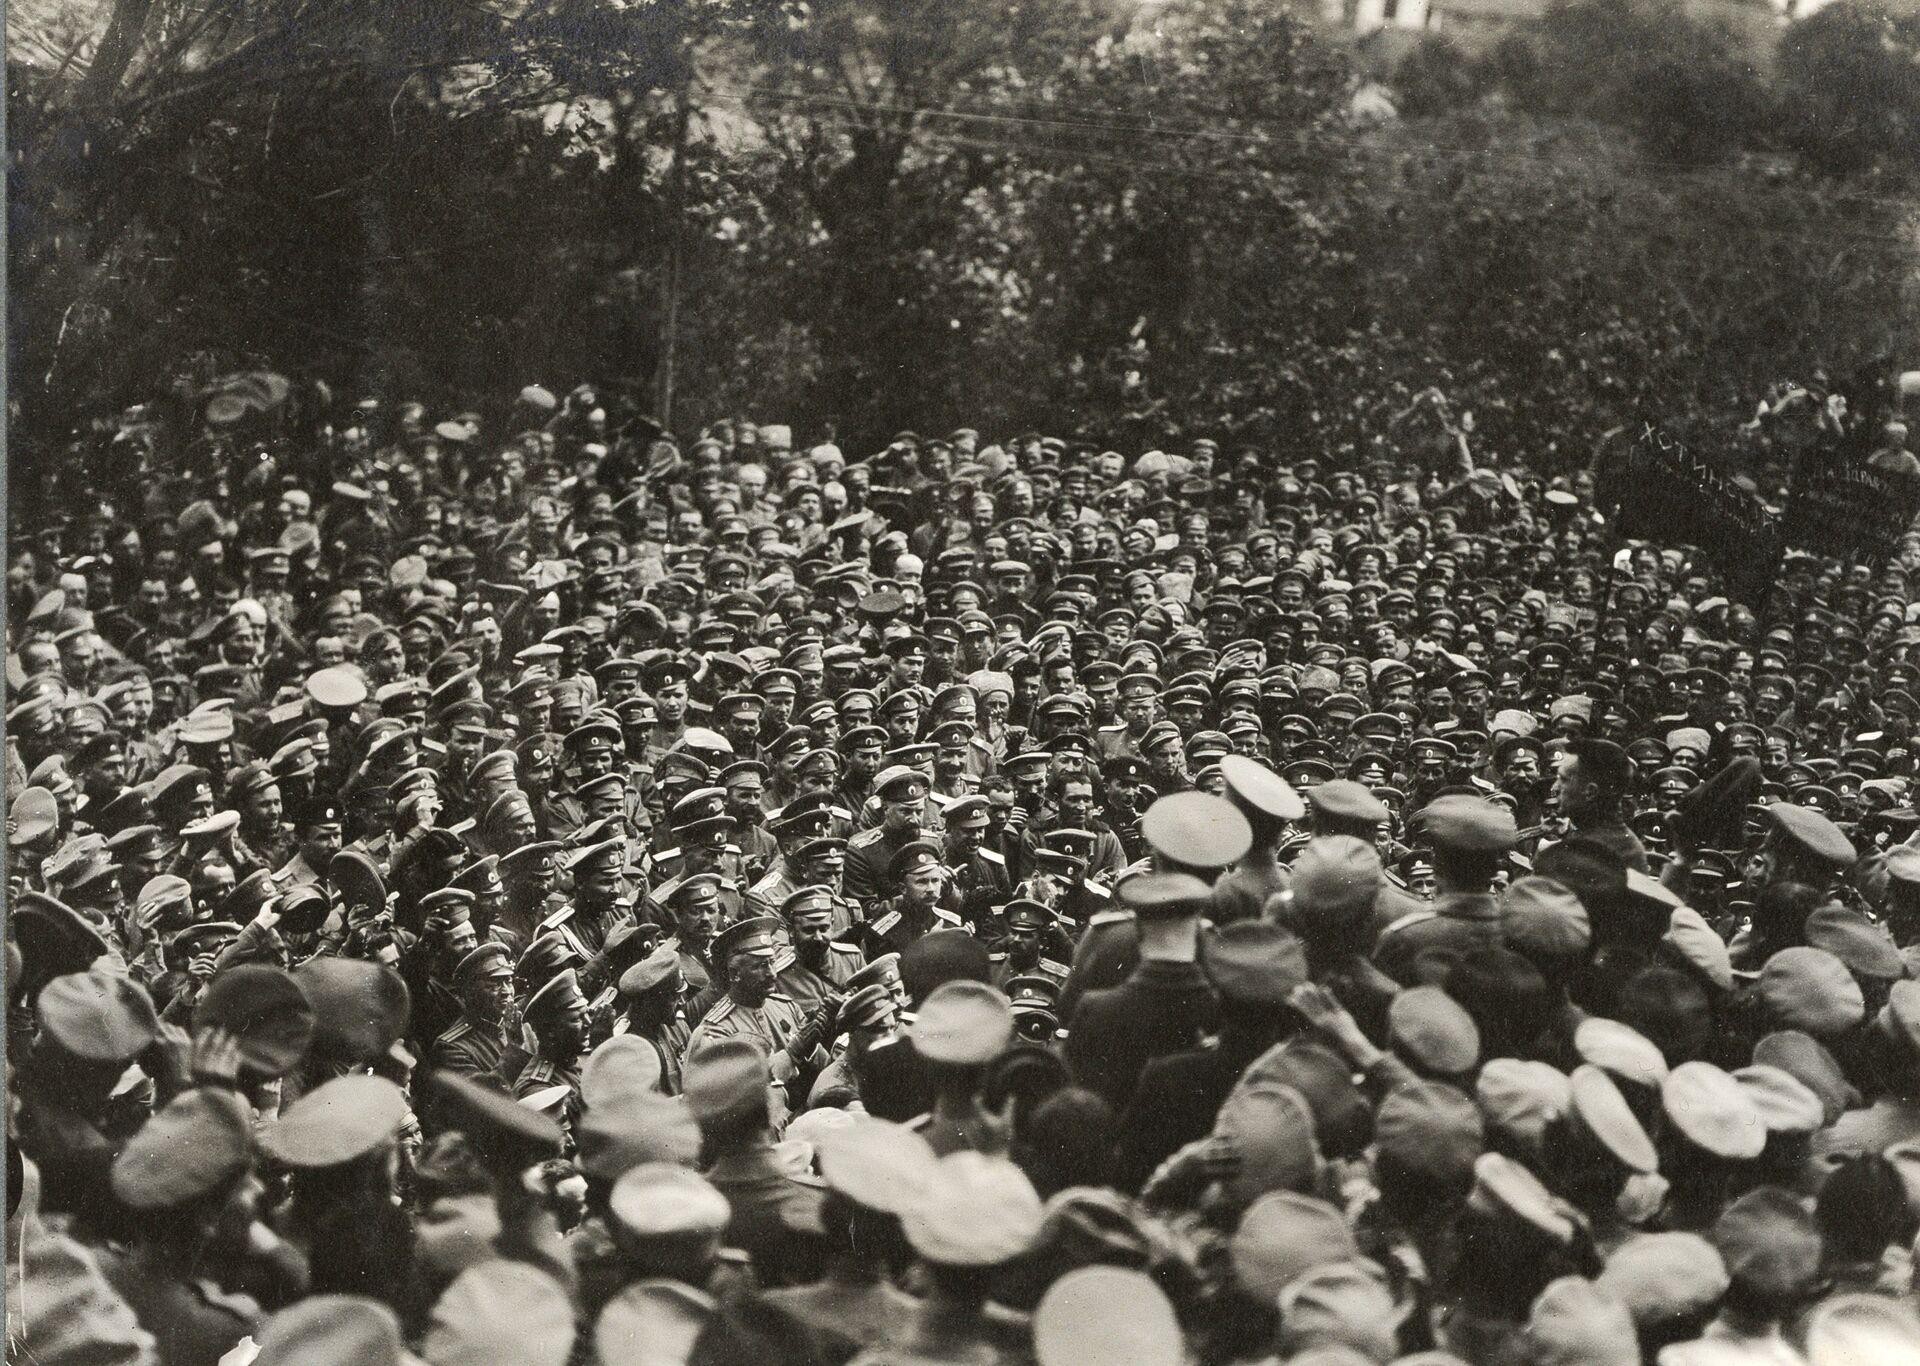 Военный министр Александр Керенский обращается к войскам, 1917 год - РИА Новости, 1920, 08.06.2021